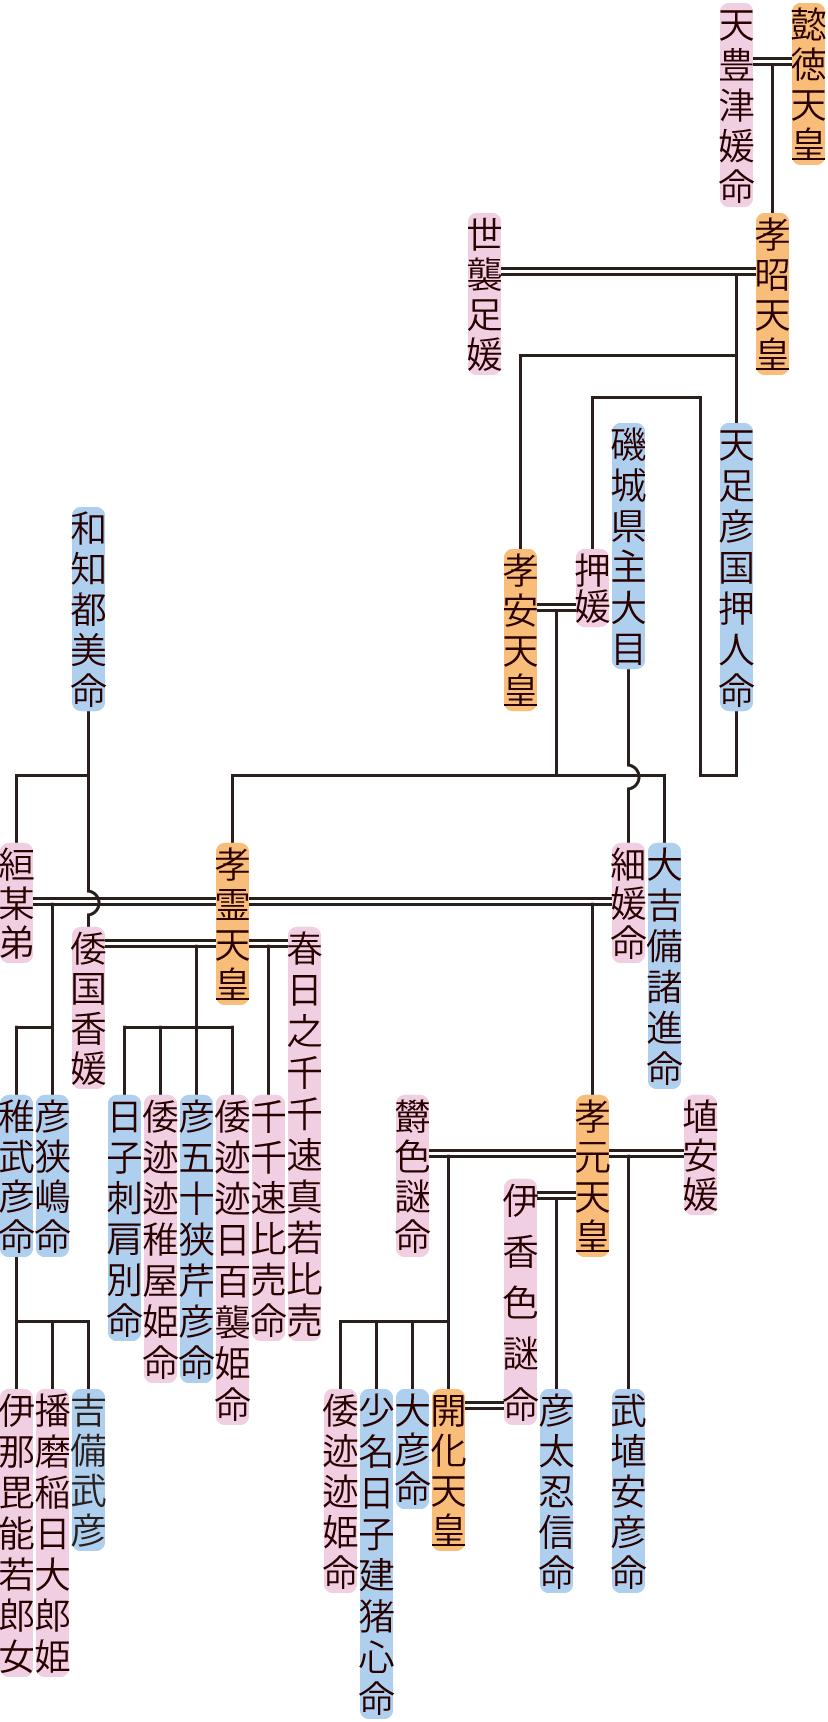 孝安天皇・孝霊天皇の系図